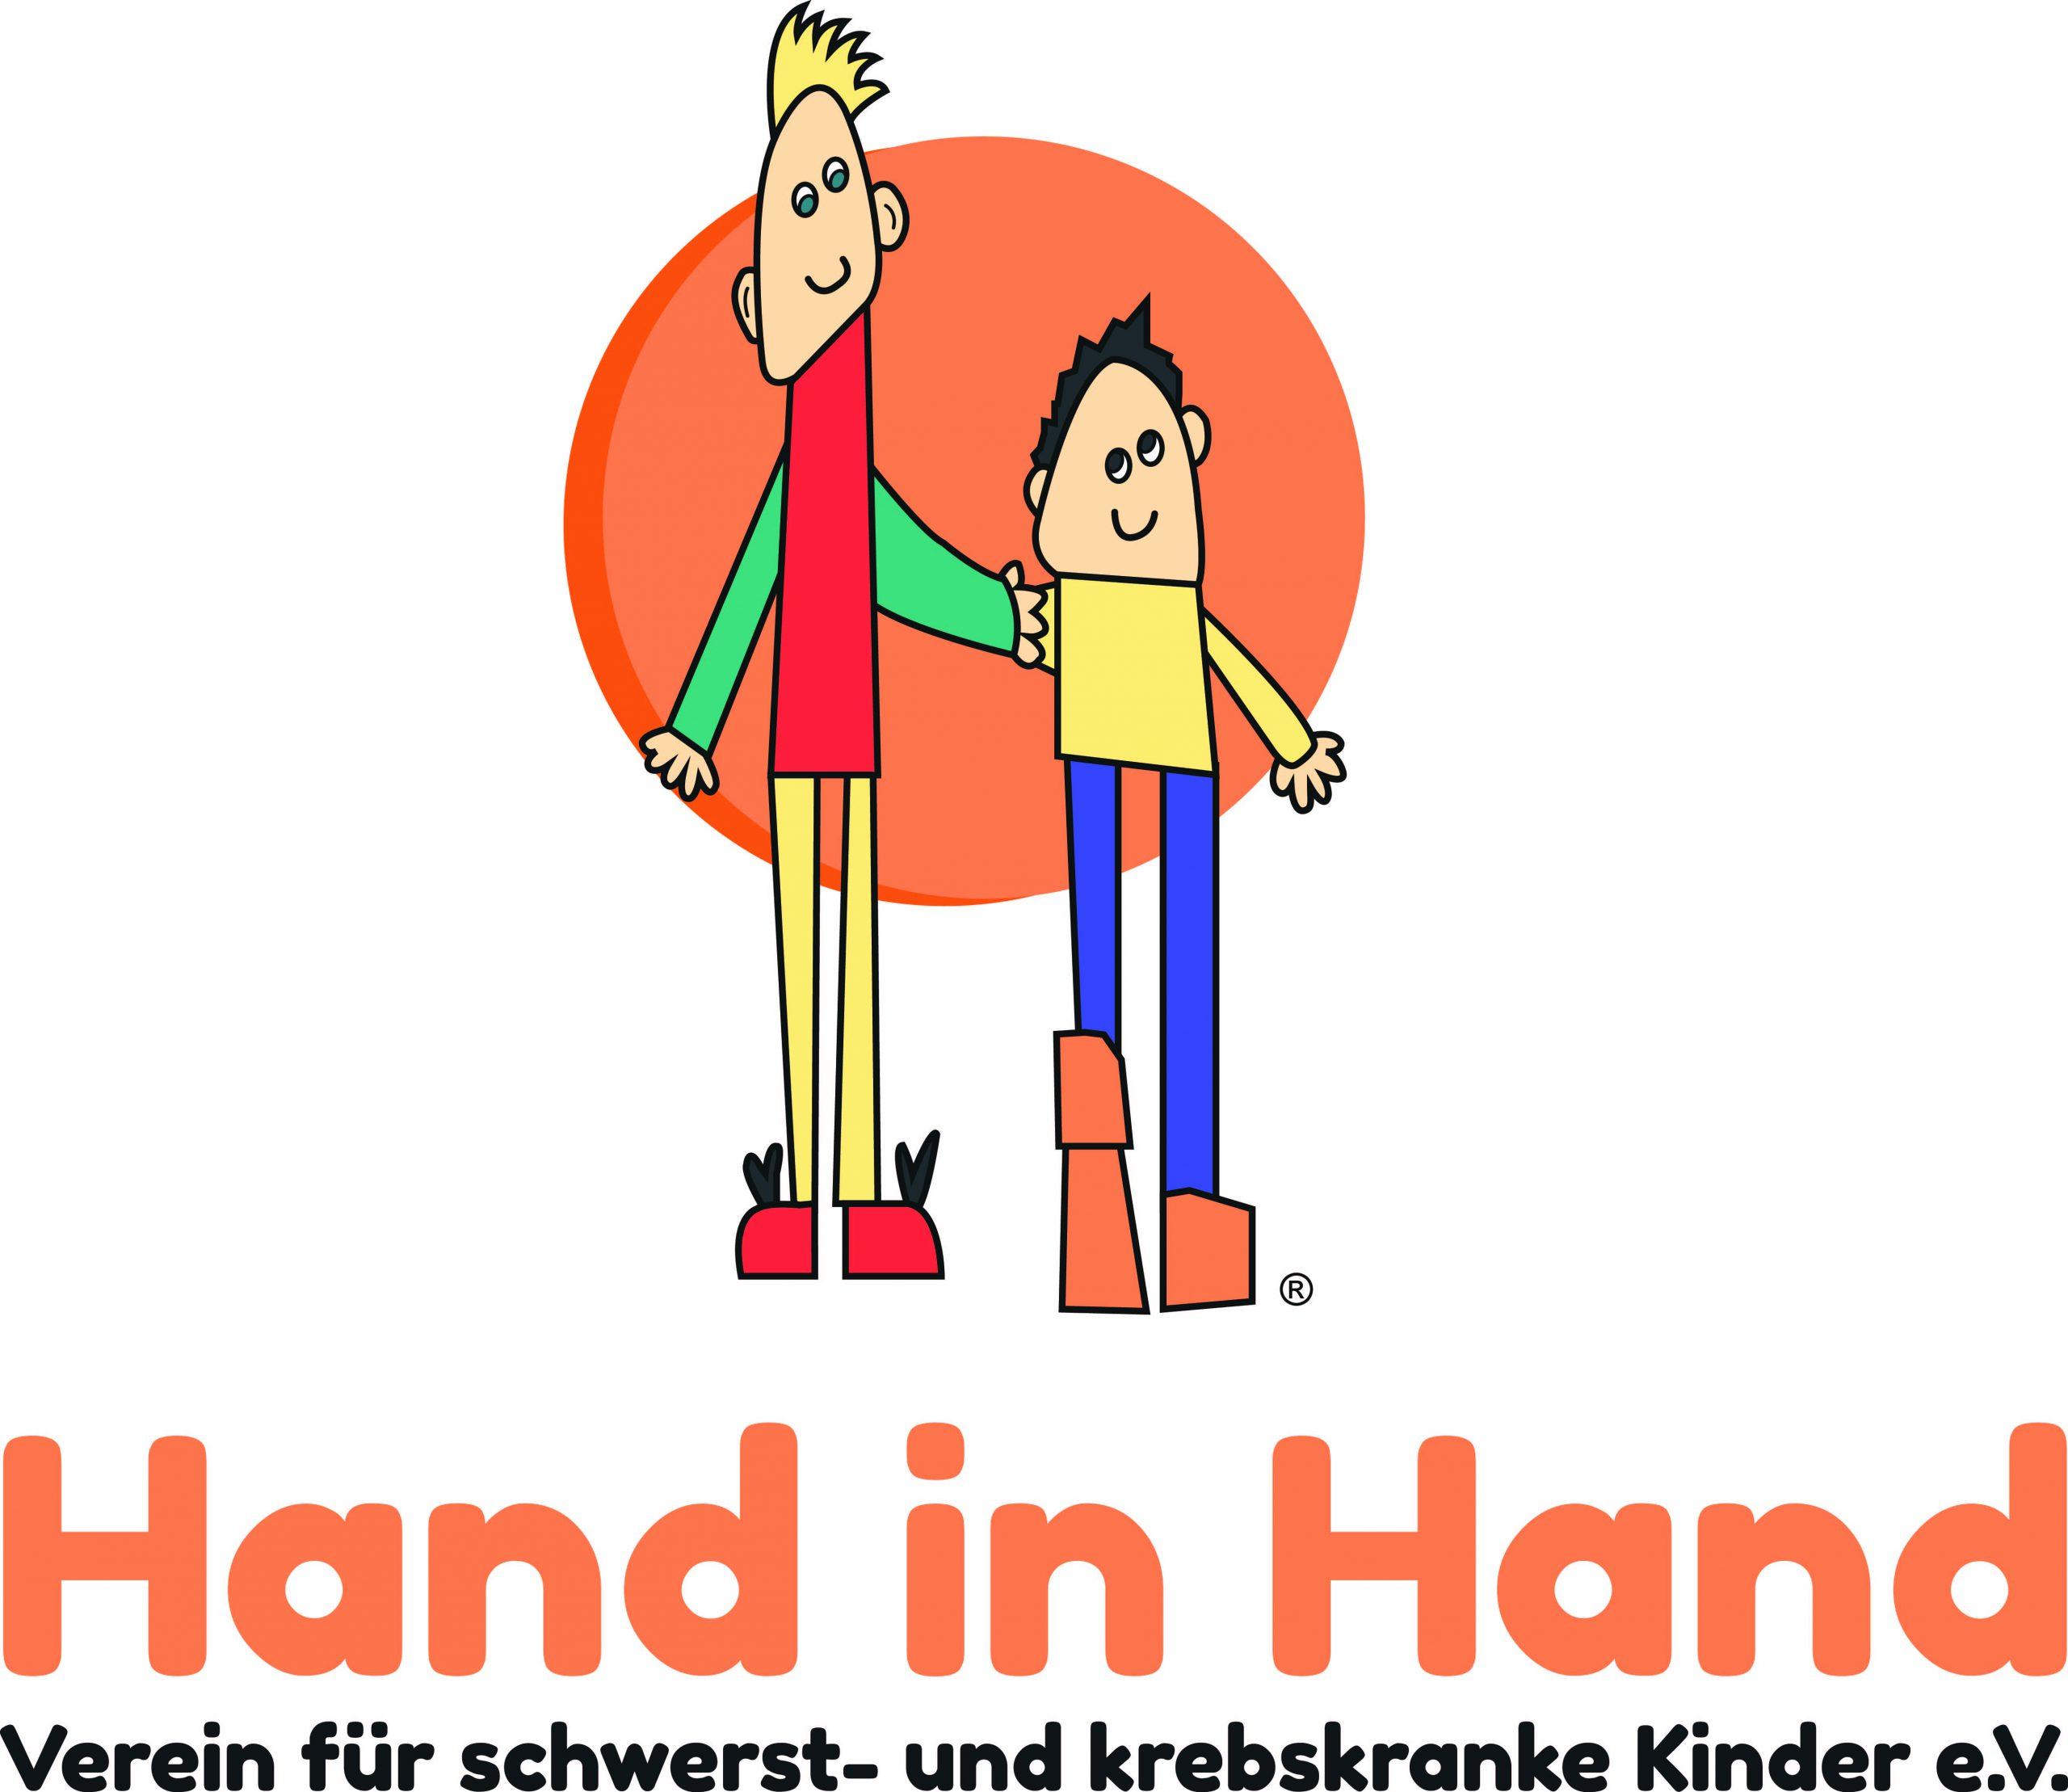 Hand-in-Hand für schwerst- und krebskranke Kinder e.V.